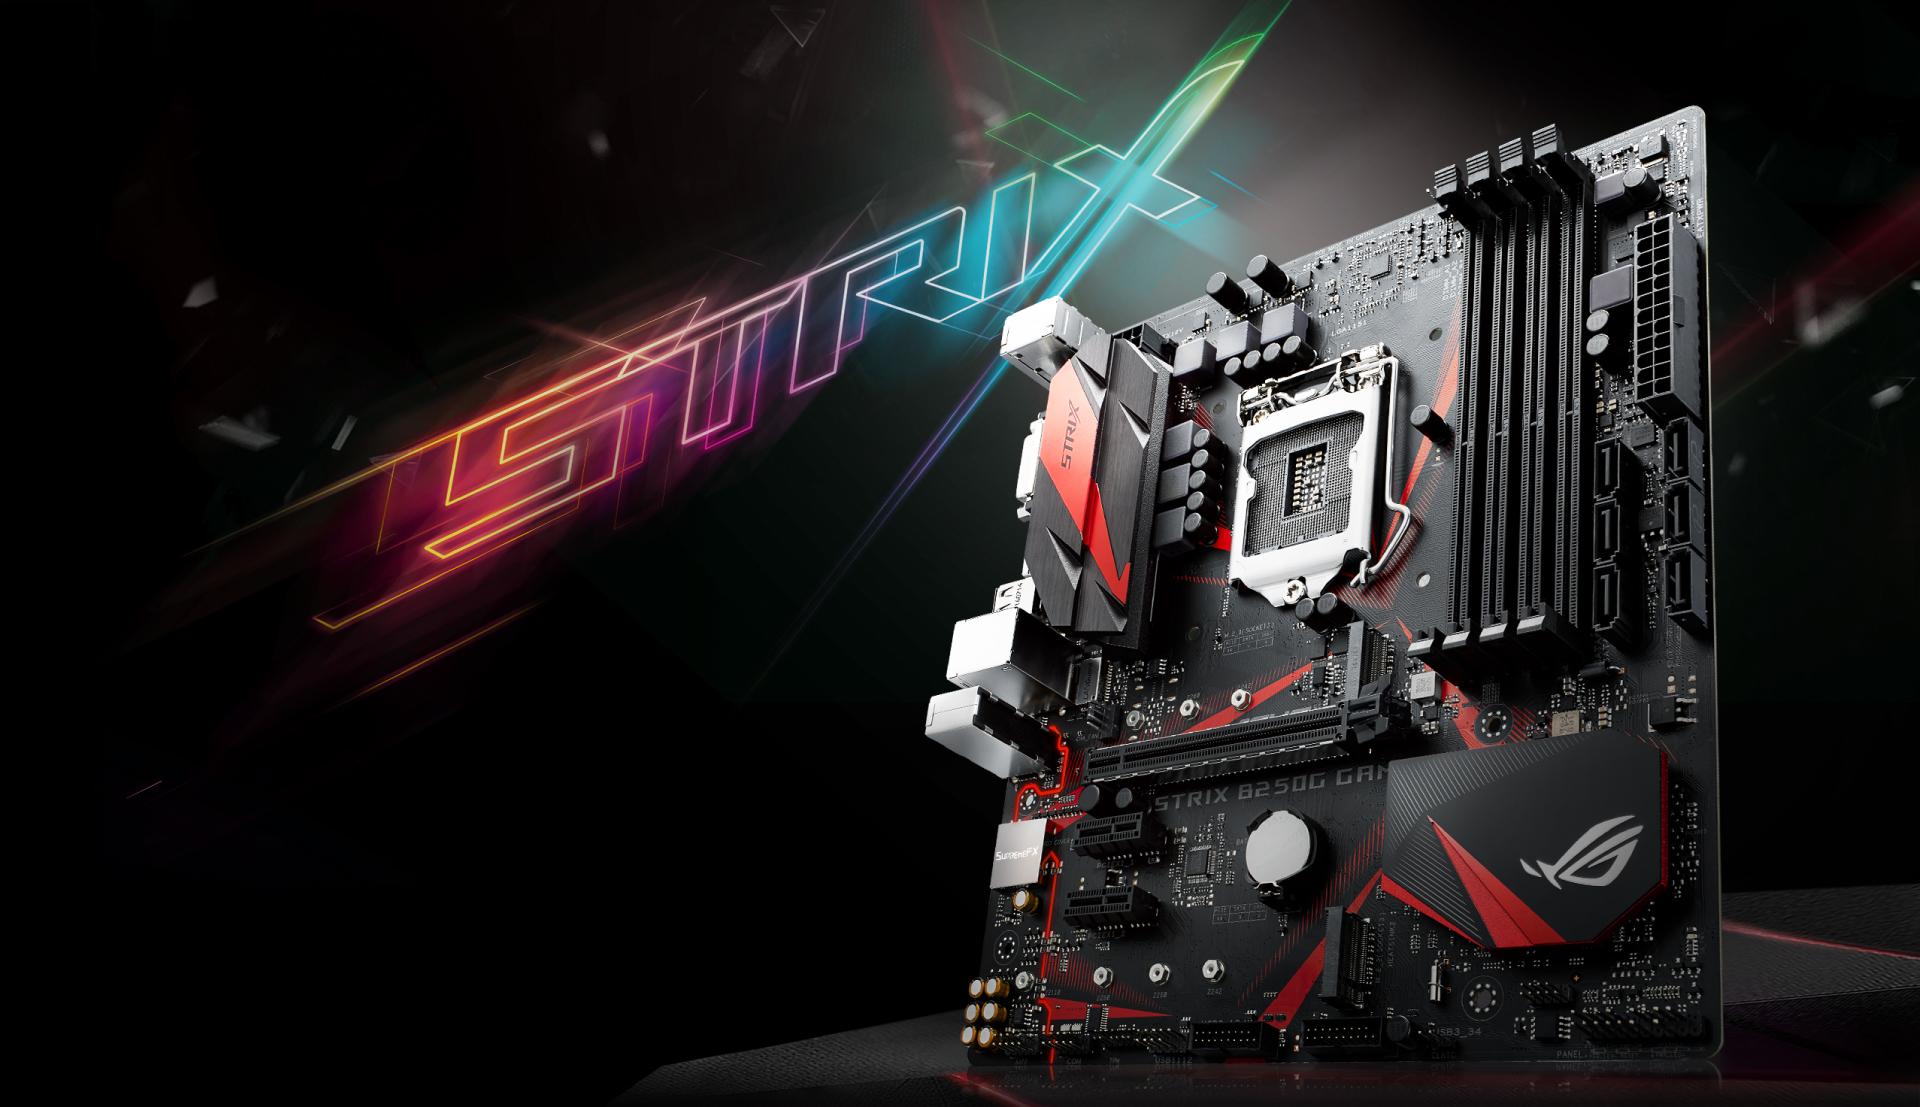 ROG Strix B250G carica ogni movimento di ogni partita con un energia emozionante e ti offre velocit e agilit di gioco senza paragoni